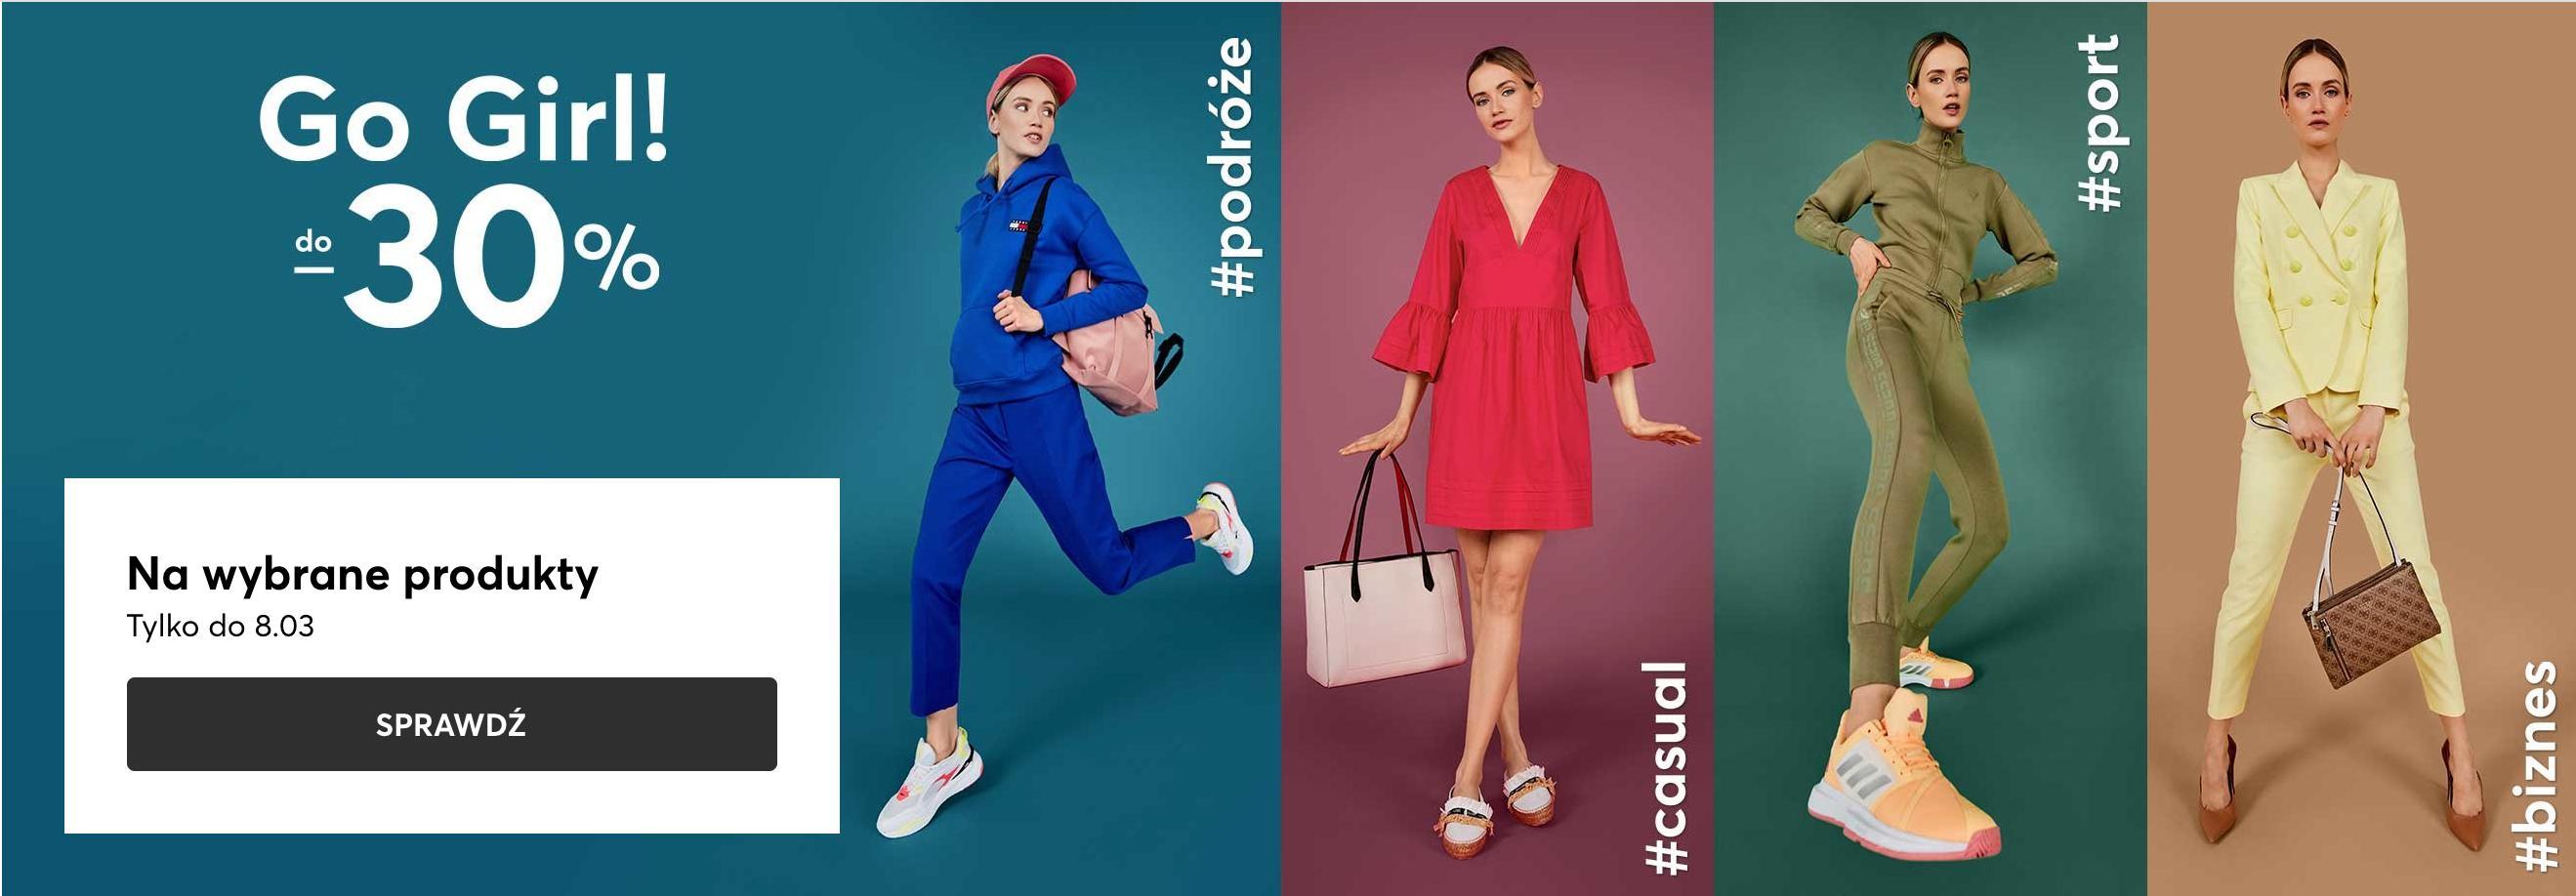 Eobuwie: do 30% zniżki na obuwie, torebki i akcesoria damskie - promocja na Dzień Kobiet